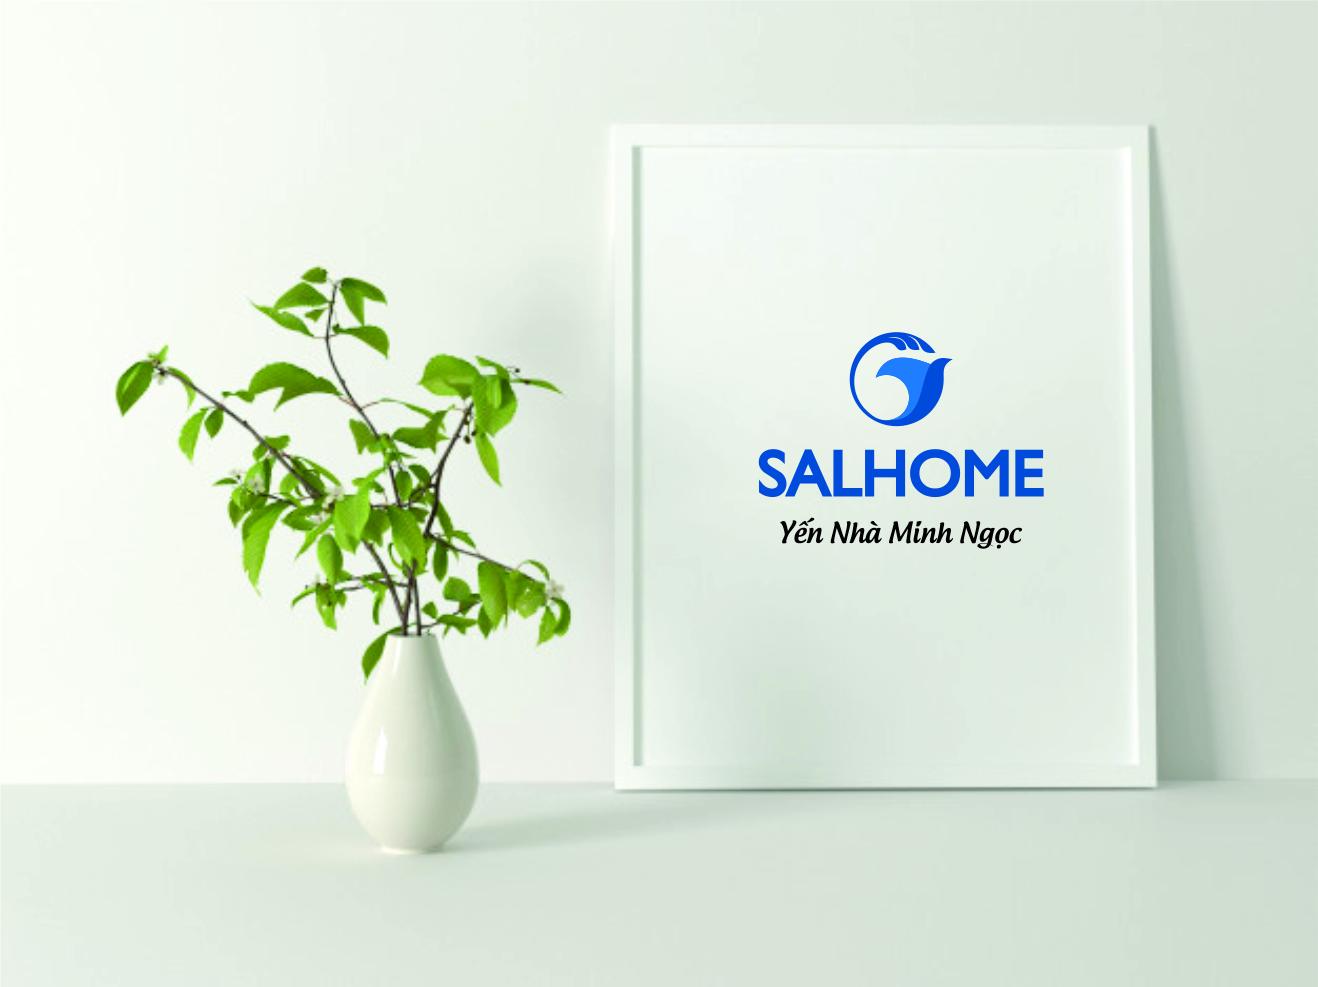 Thương hiệu SALHOME -Yến nhà Minh Ngọc